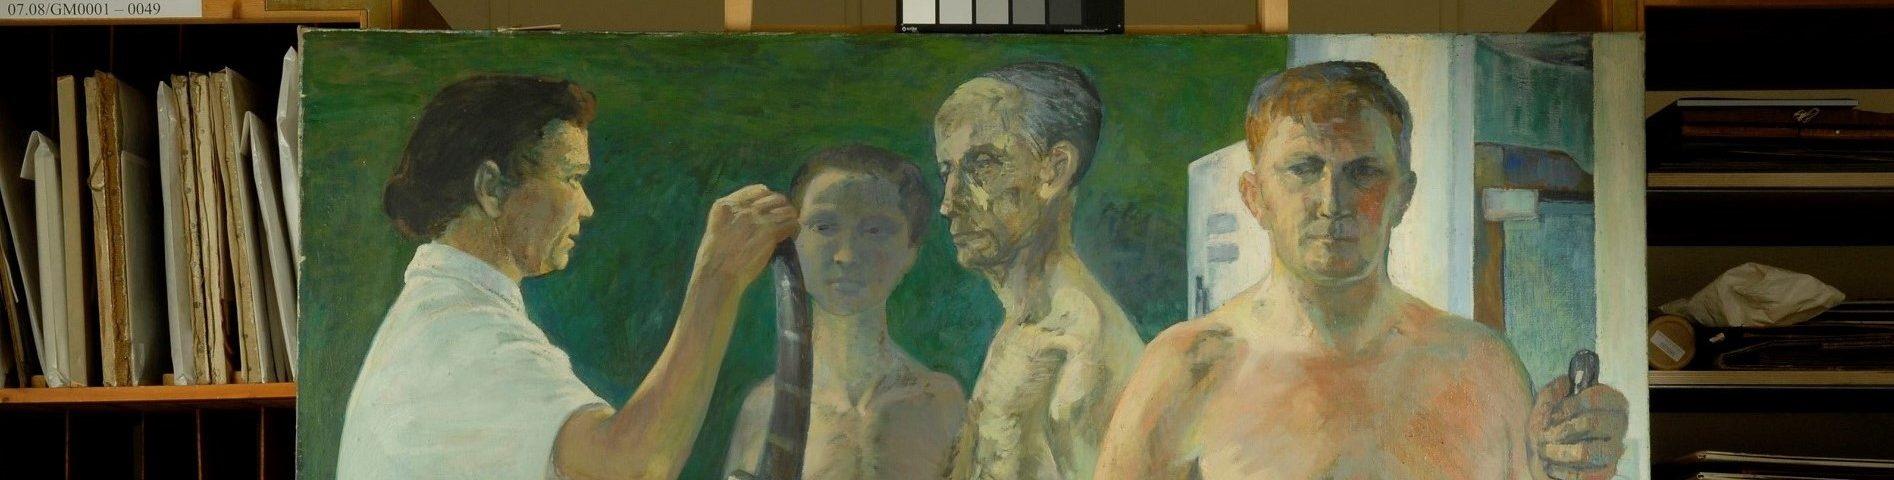 Vor der Kunst | Malerei in der Kunsthochschule Dresden von 1950 bis 1990